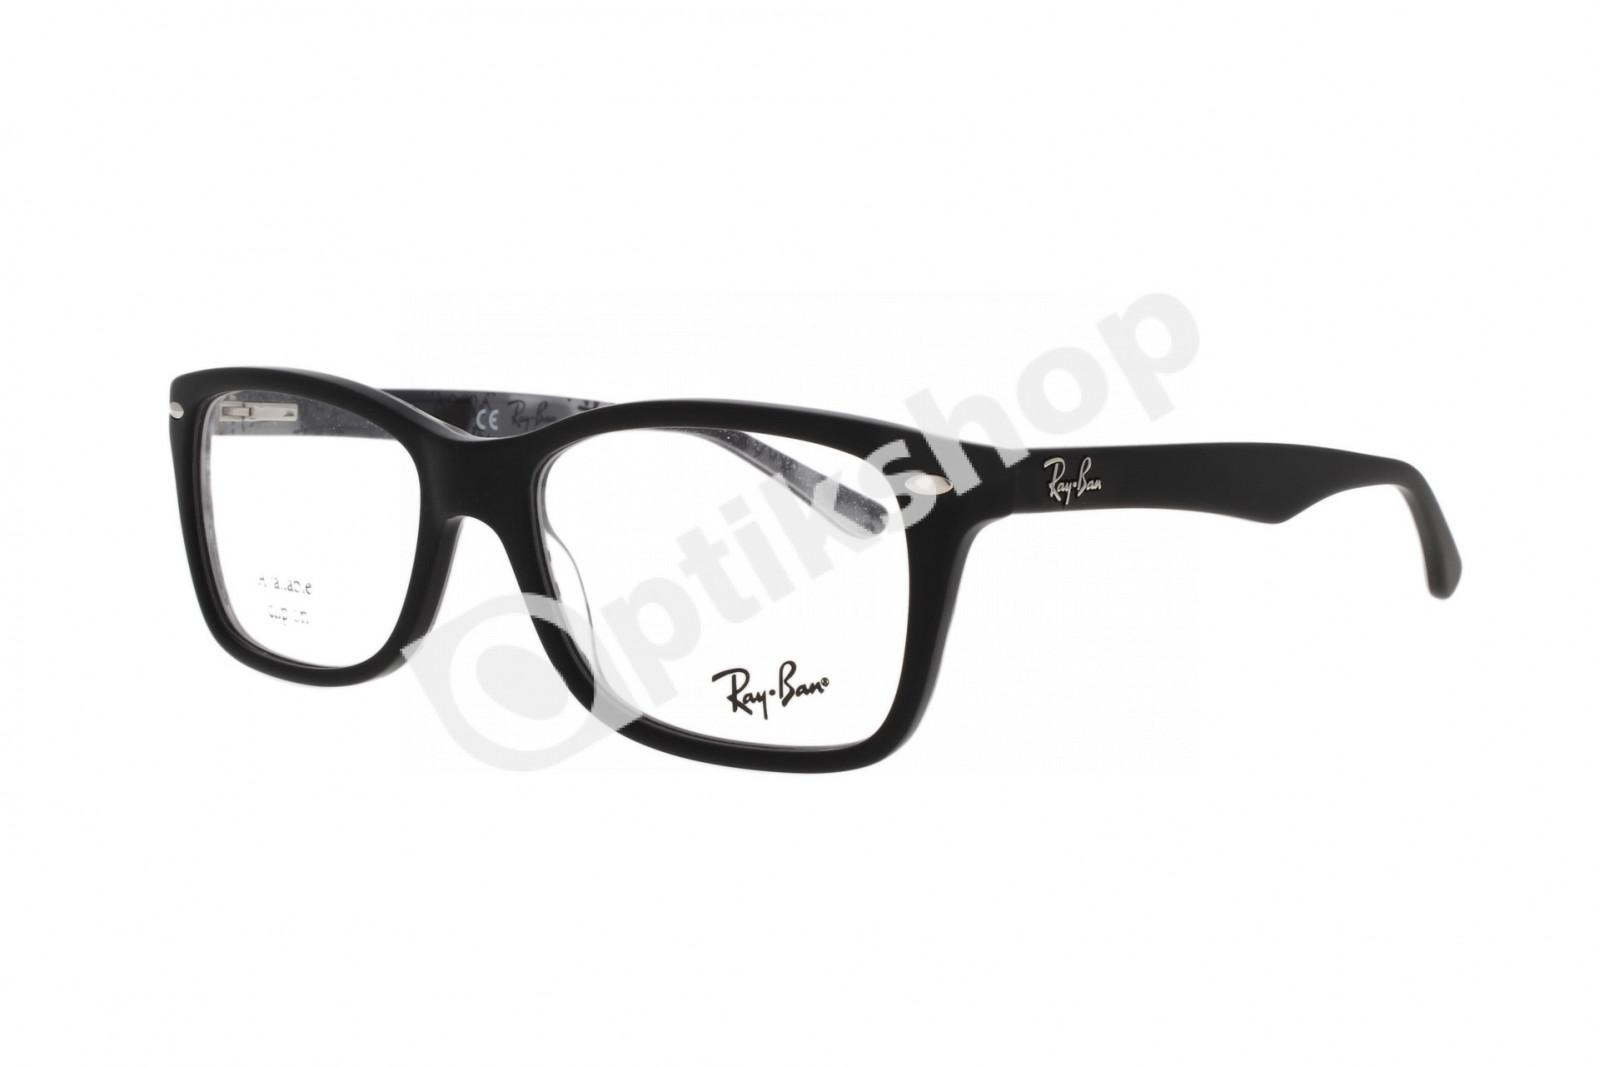 szemüvegek vásárolni)